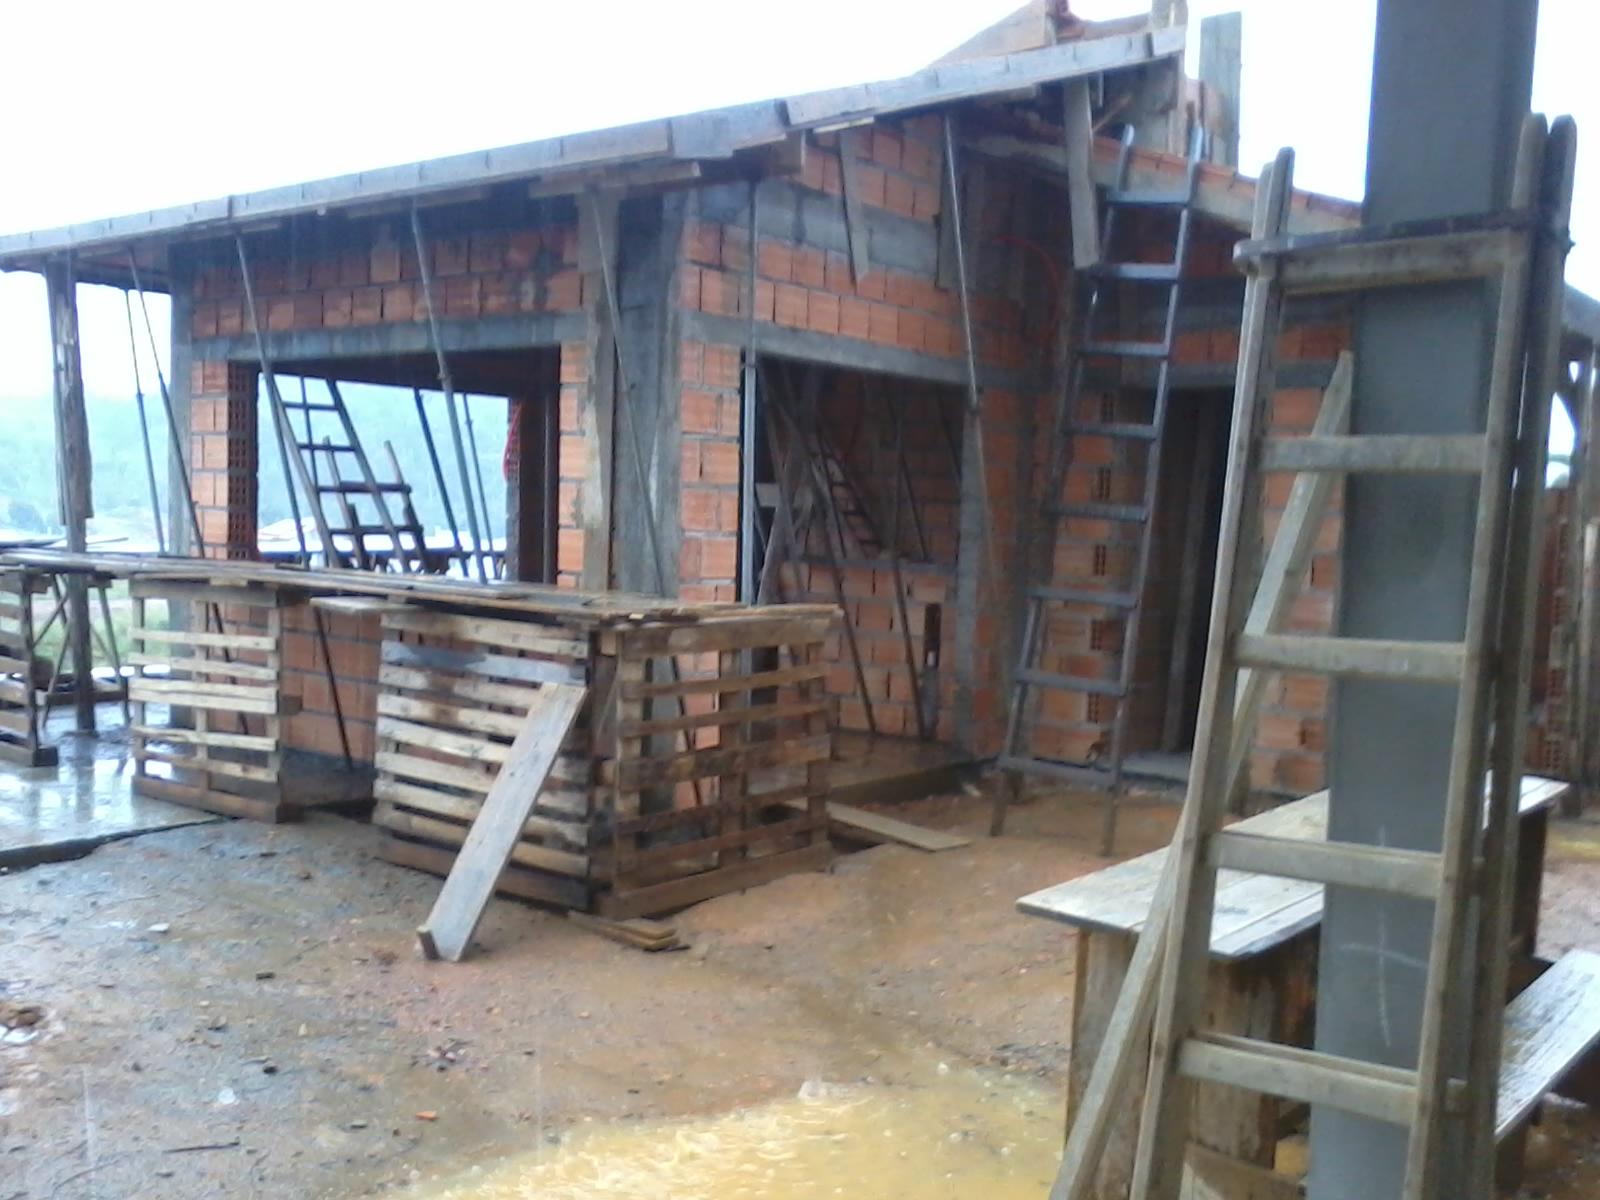 dos banheiros e o outro lixou e preparou as aberturas das janelas  #877444 1600x1200 Banheiro Com Janela Na Laje